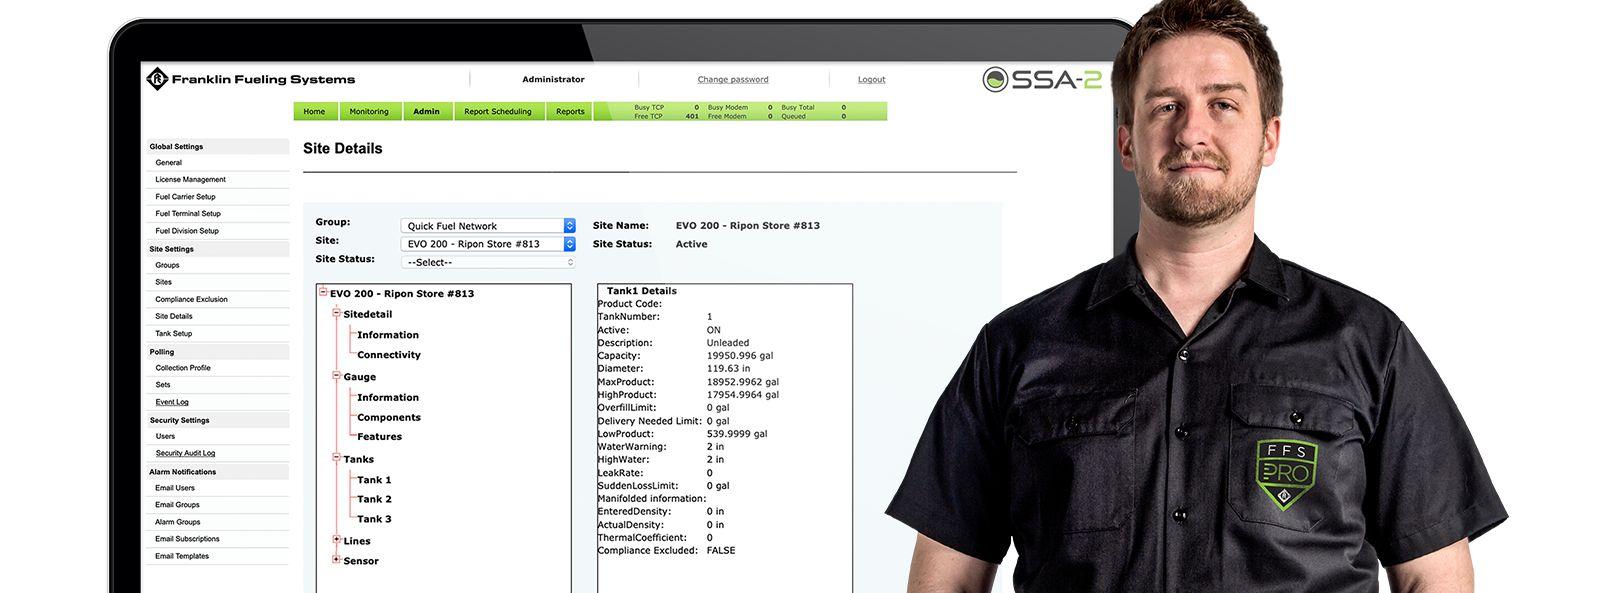 SSA-2 Premium Support Wide.psd